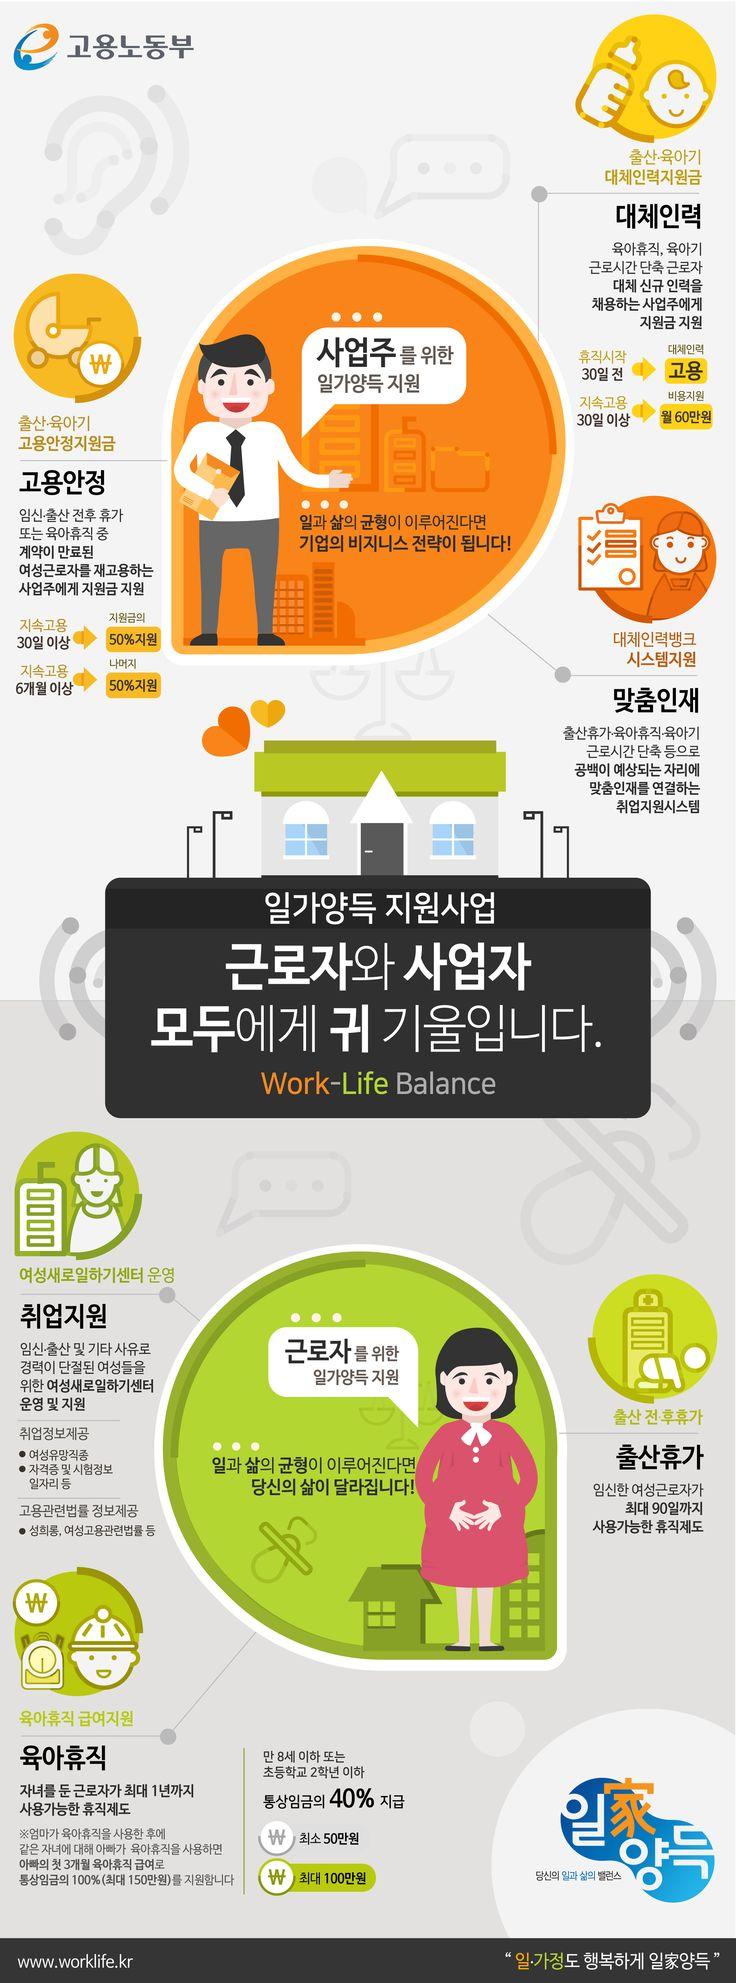 [인포] 근로자와 사업자 모두에게 귀 기울입니다. #고용노동부 #일가양득_지원사업 #근로자 #사업자